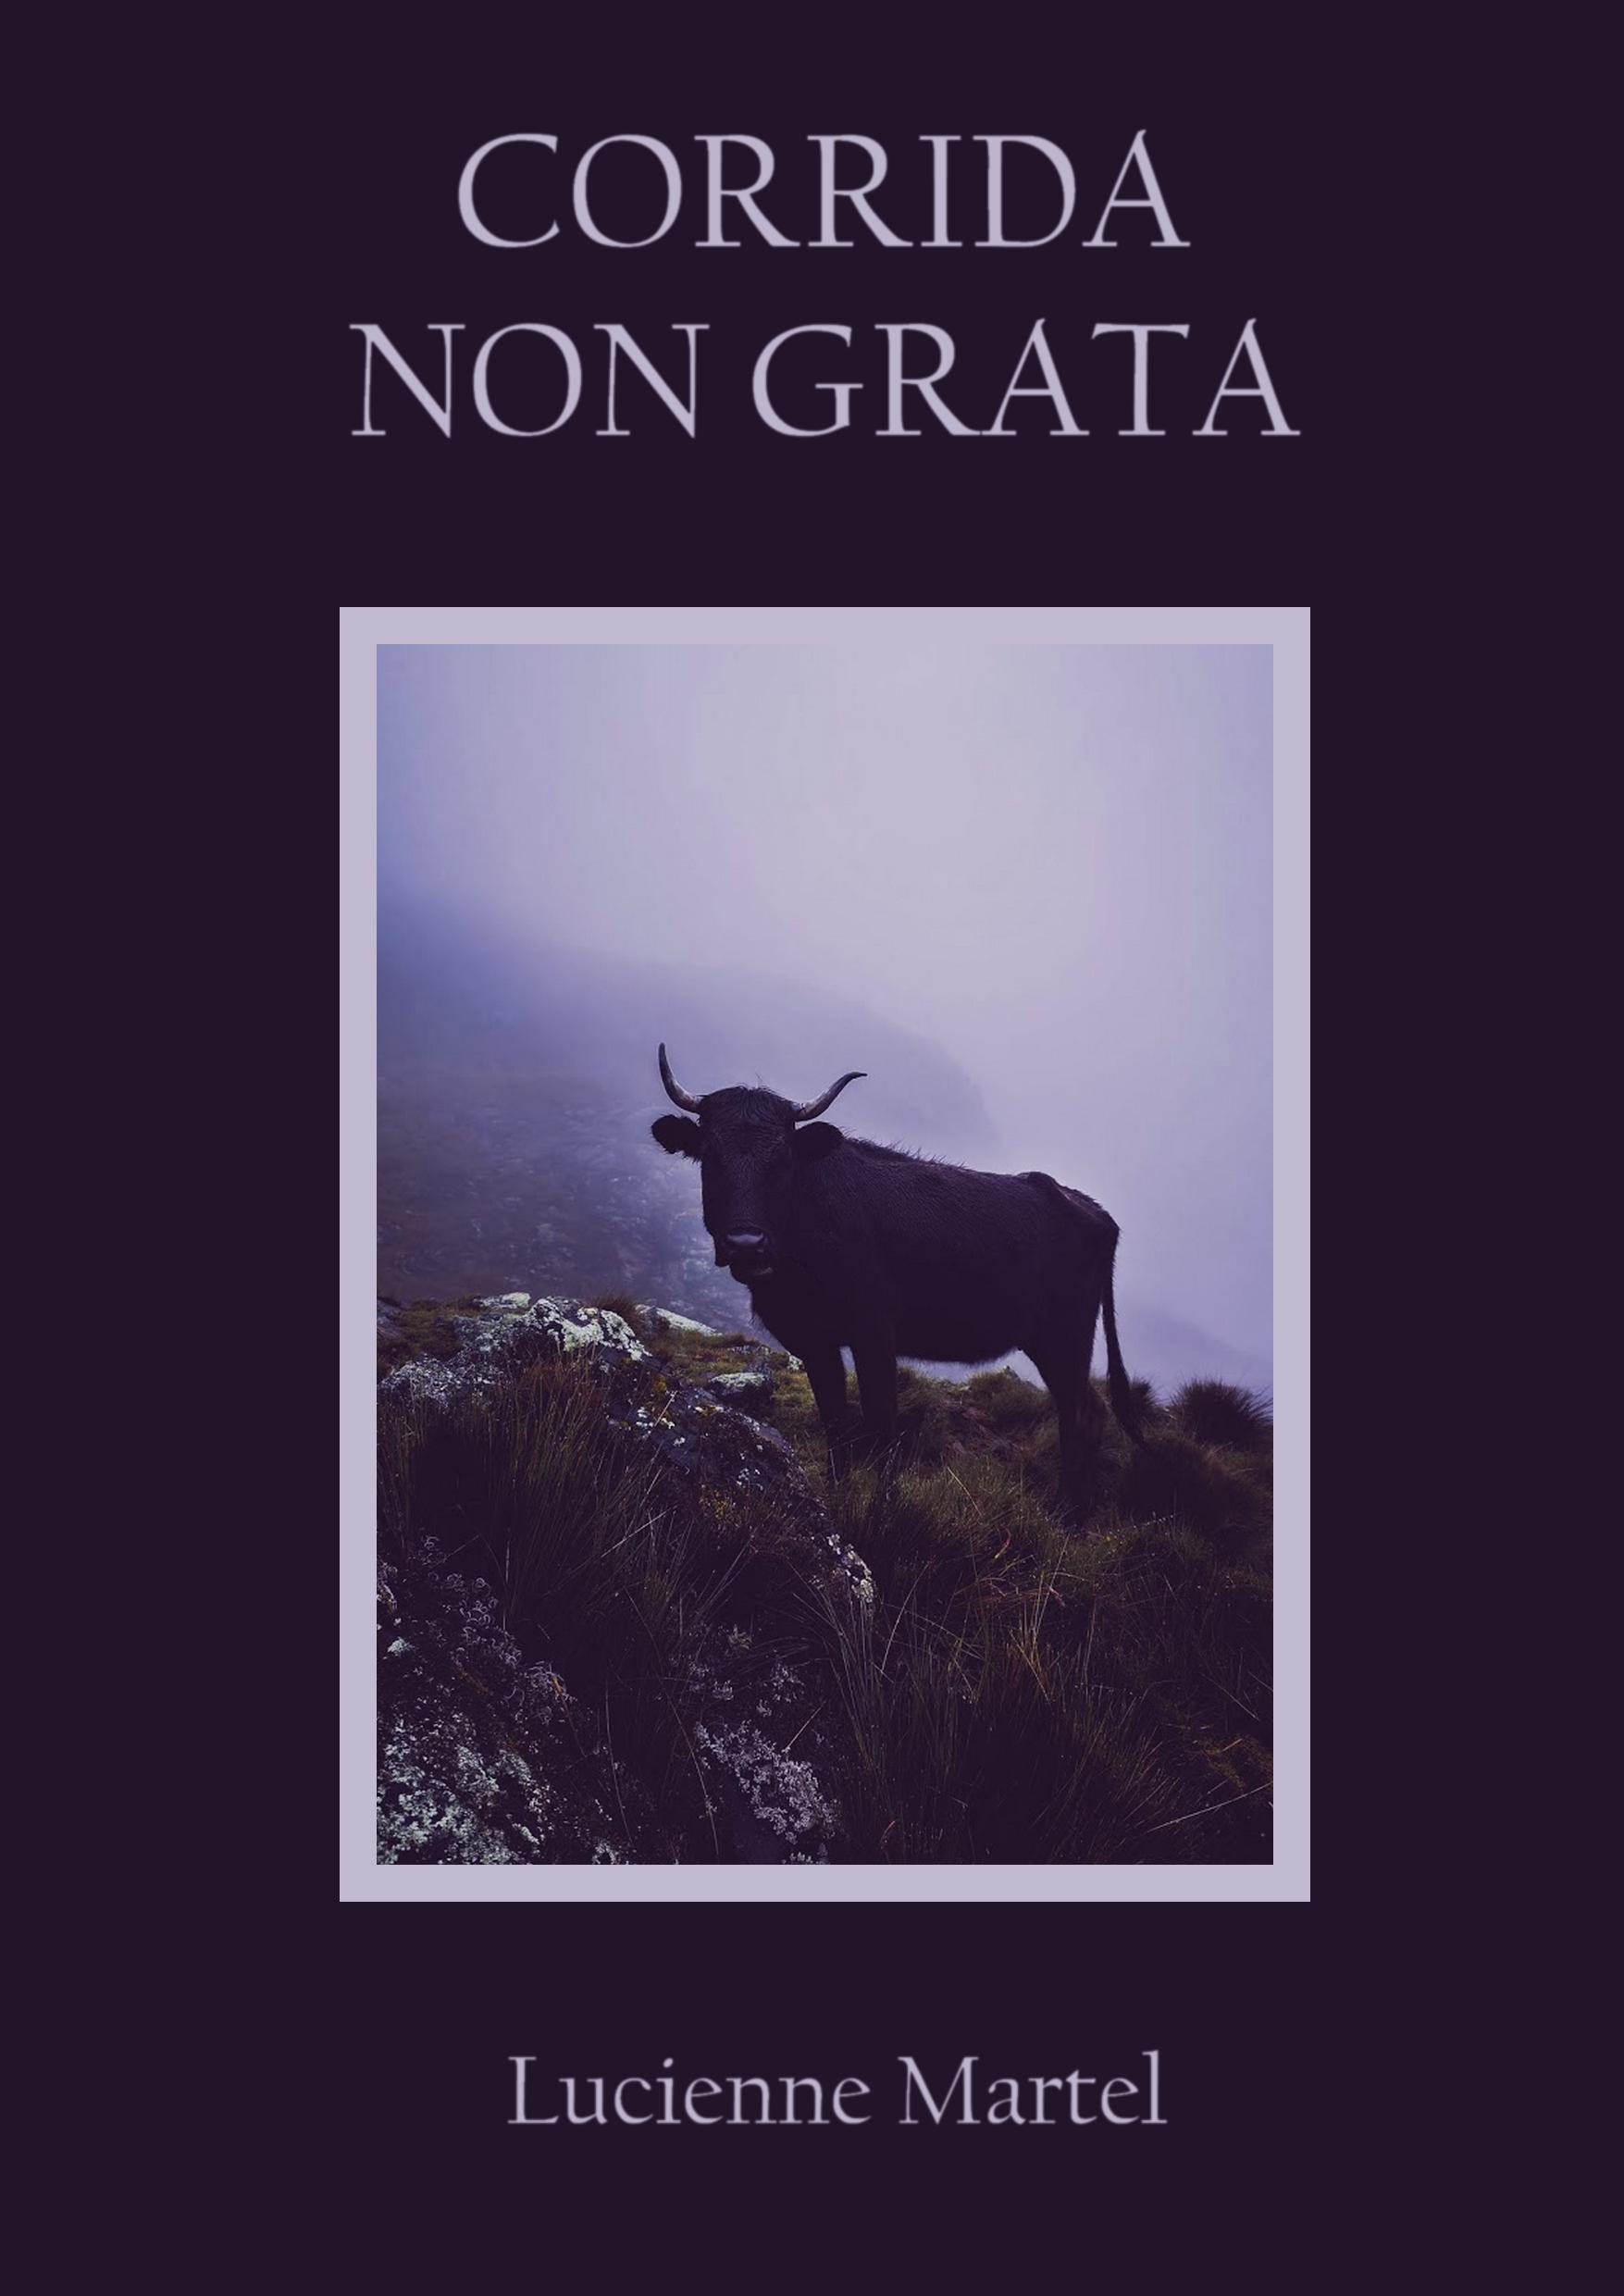 CORRIDA NON GRATA